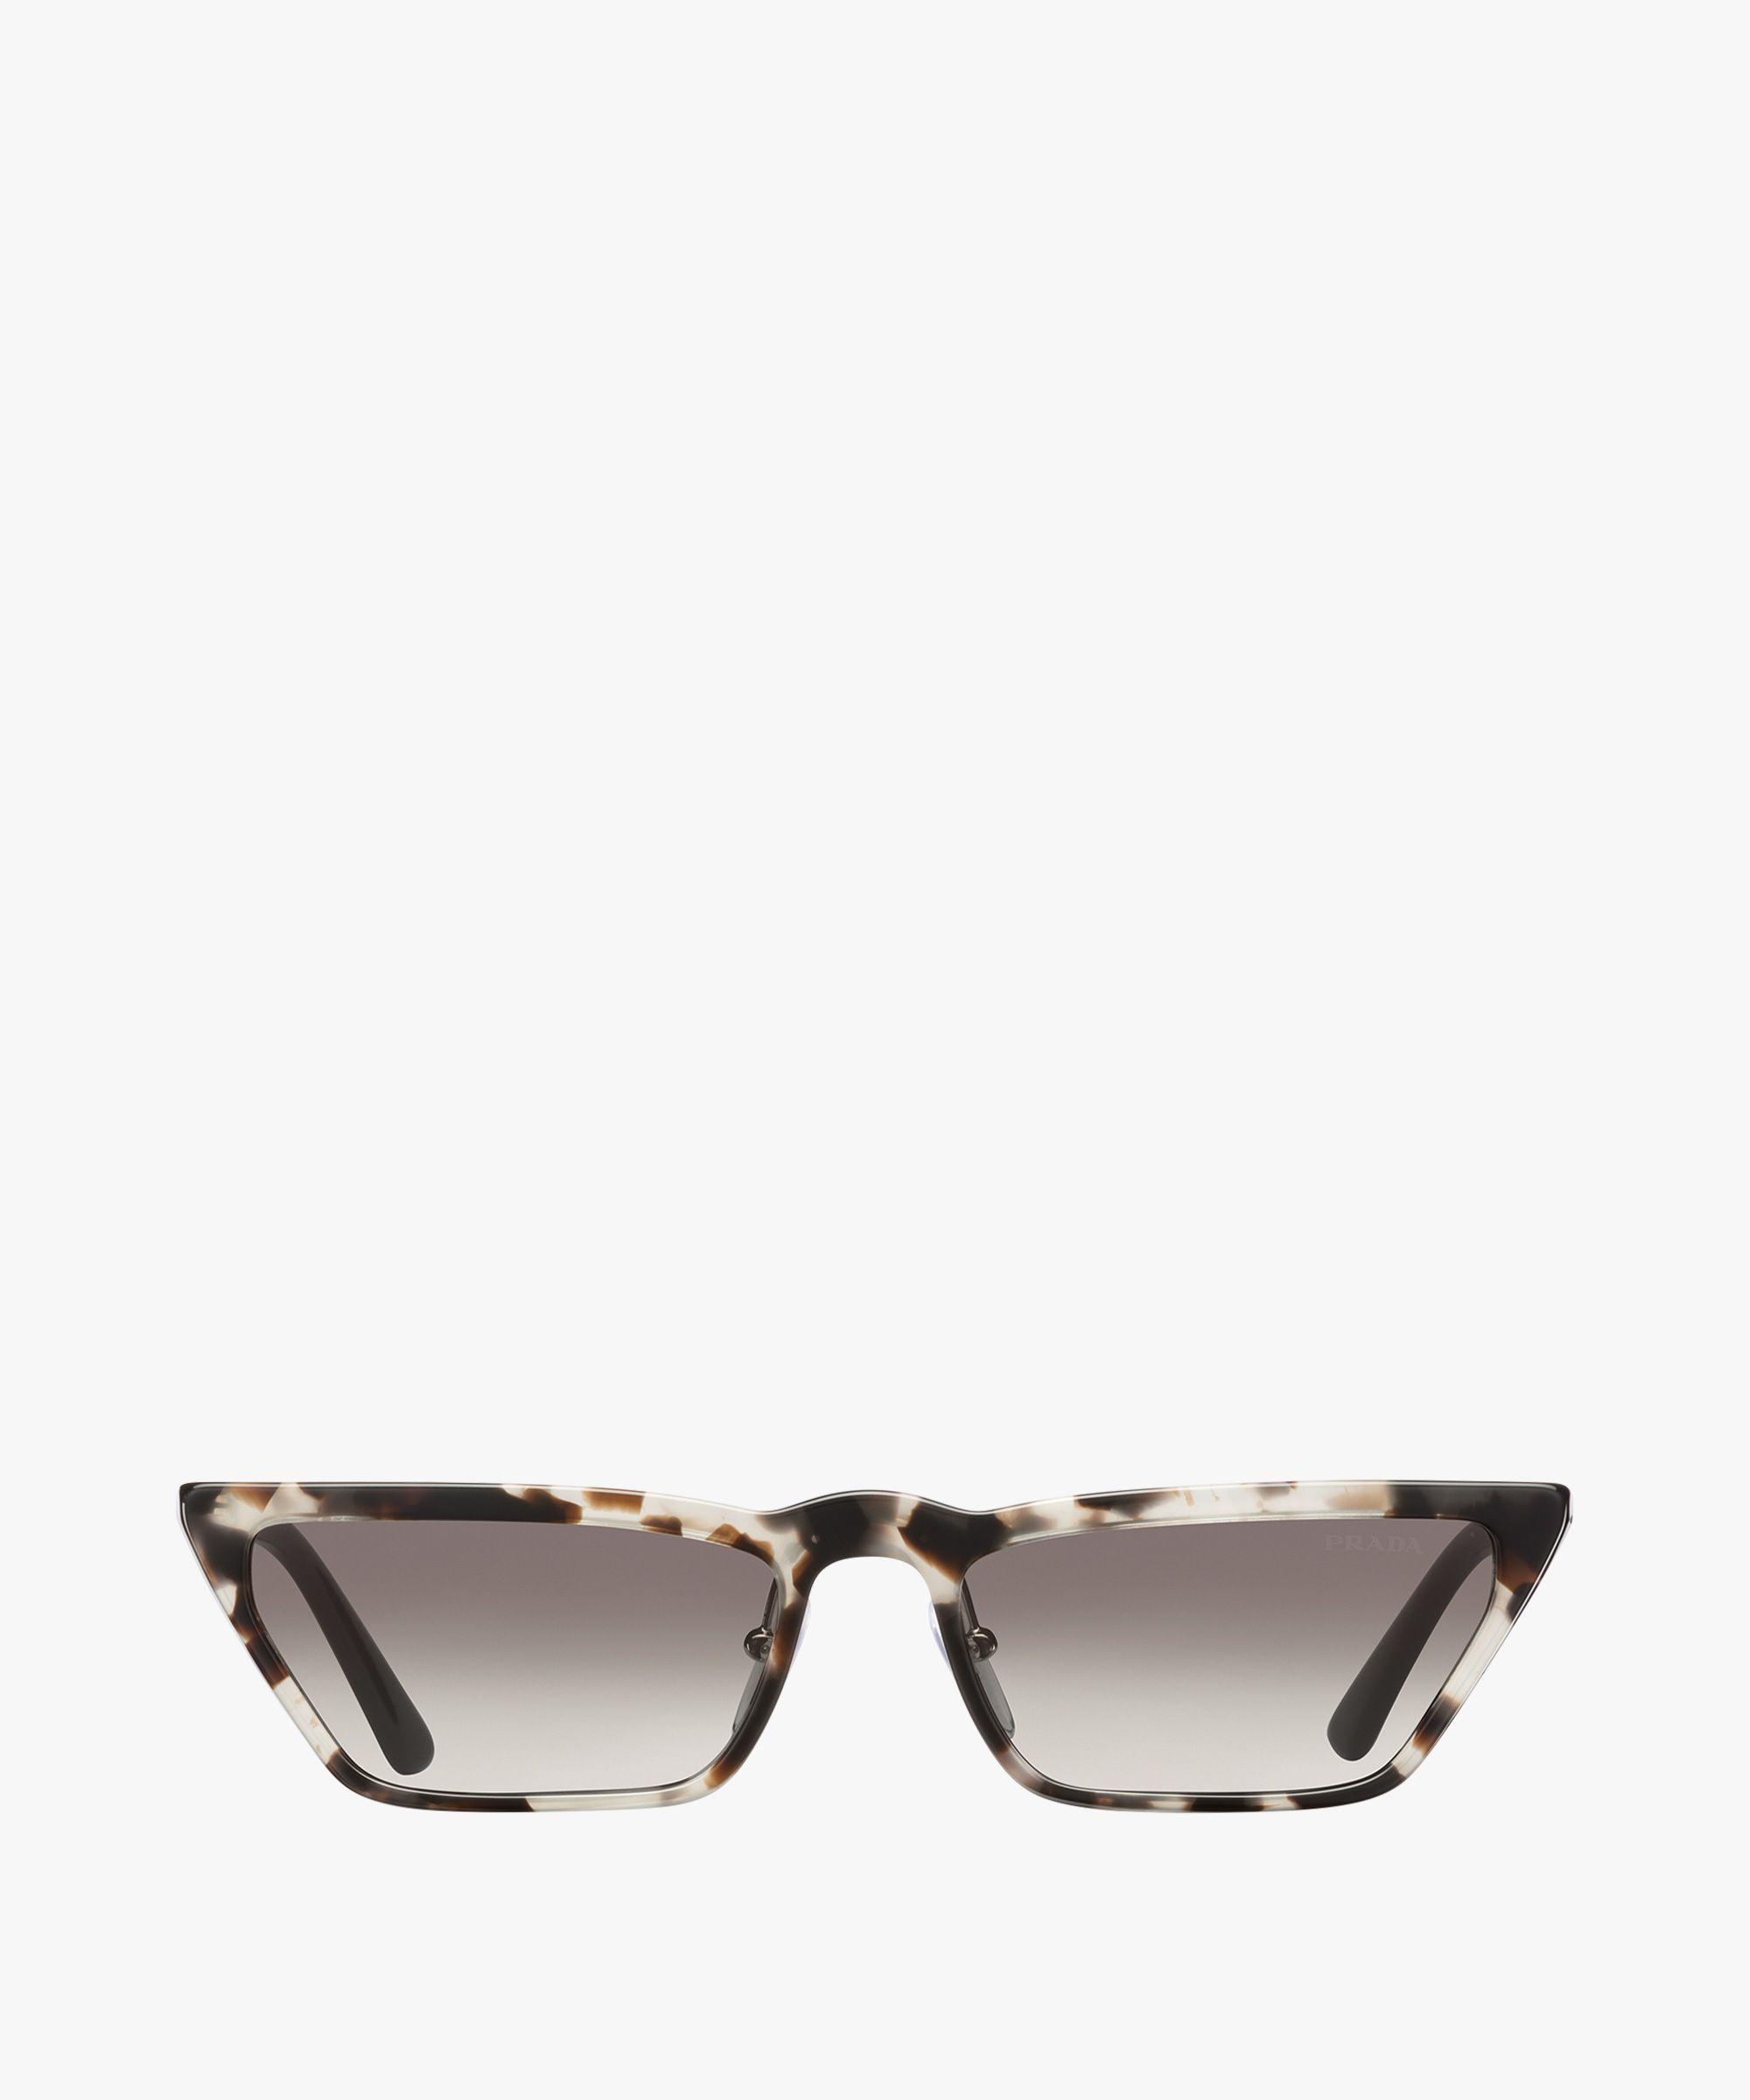 8ad5dedf37e9 Prada - Gradient anthracite grey lenses Ultravox sunglasses ...